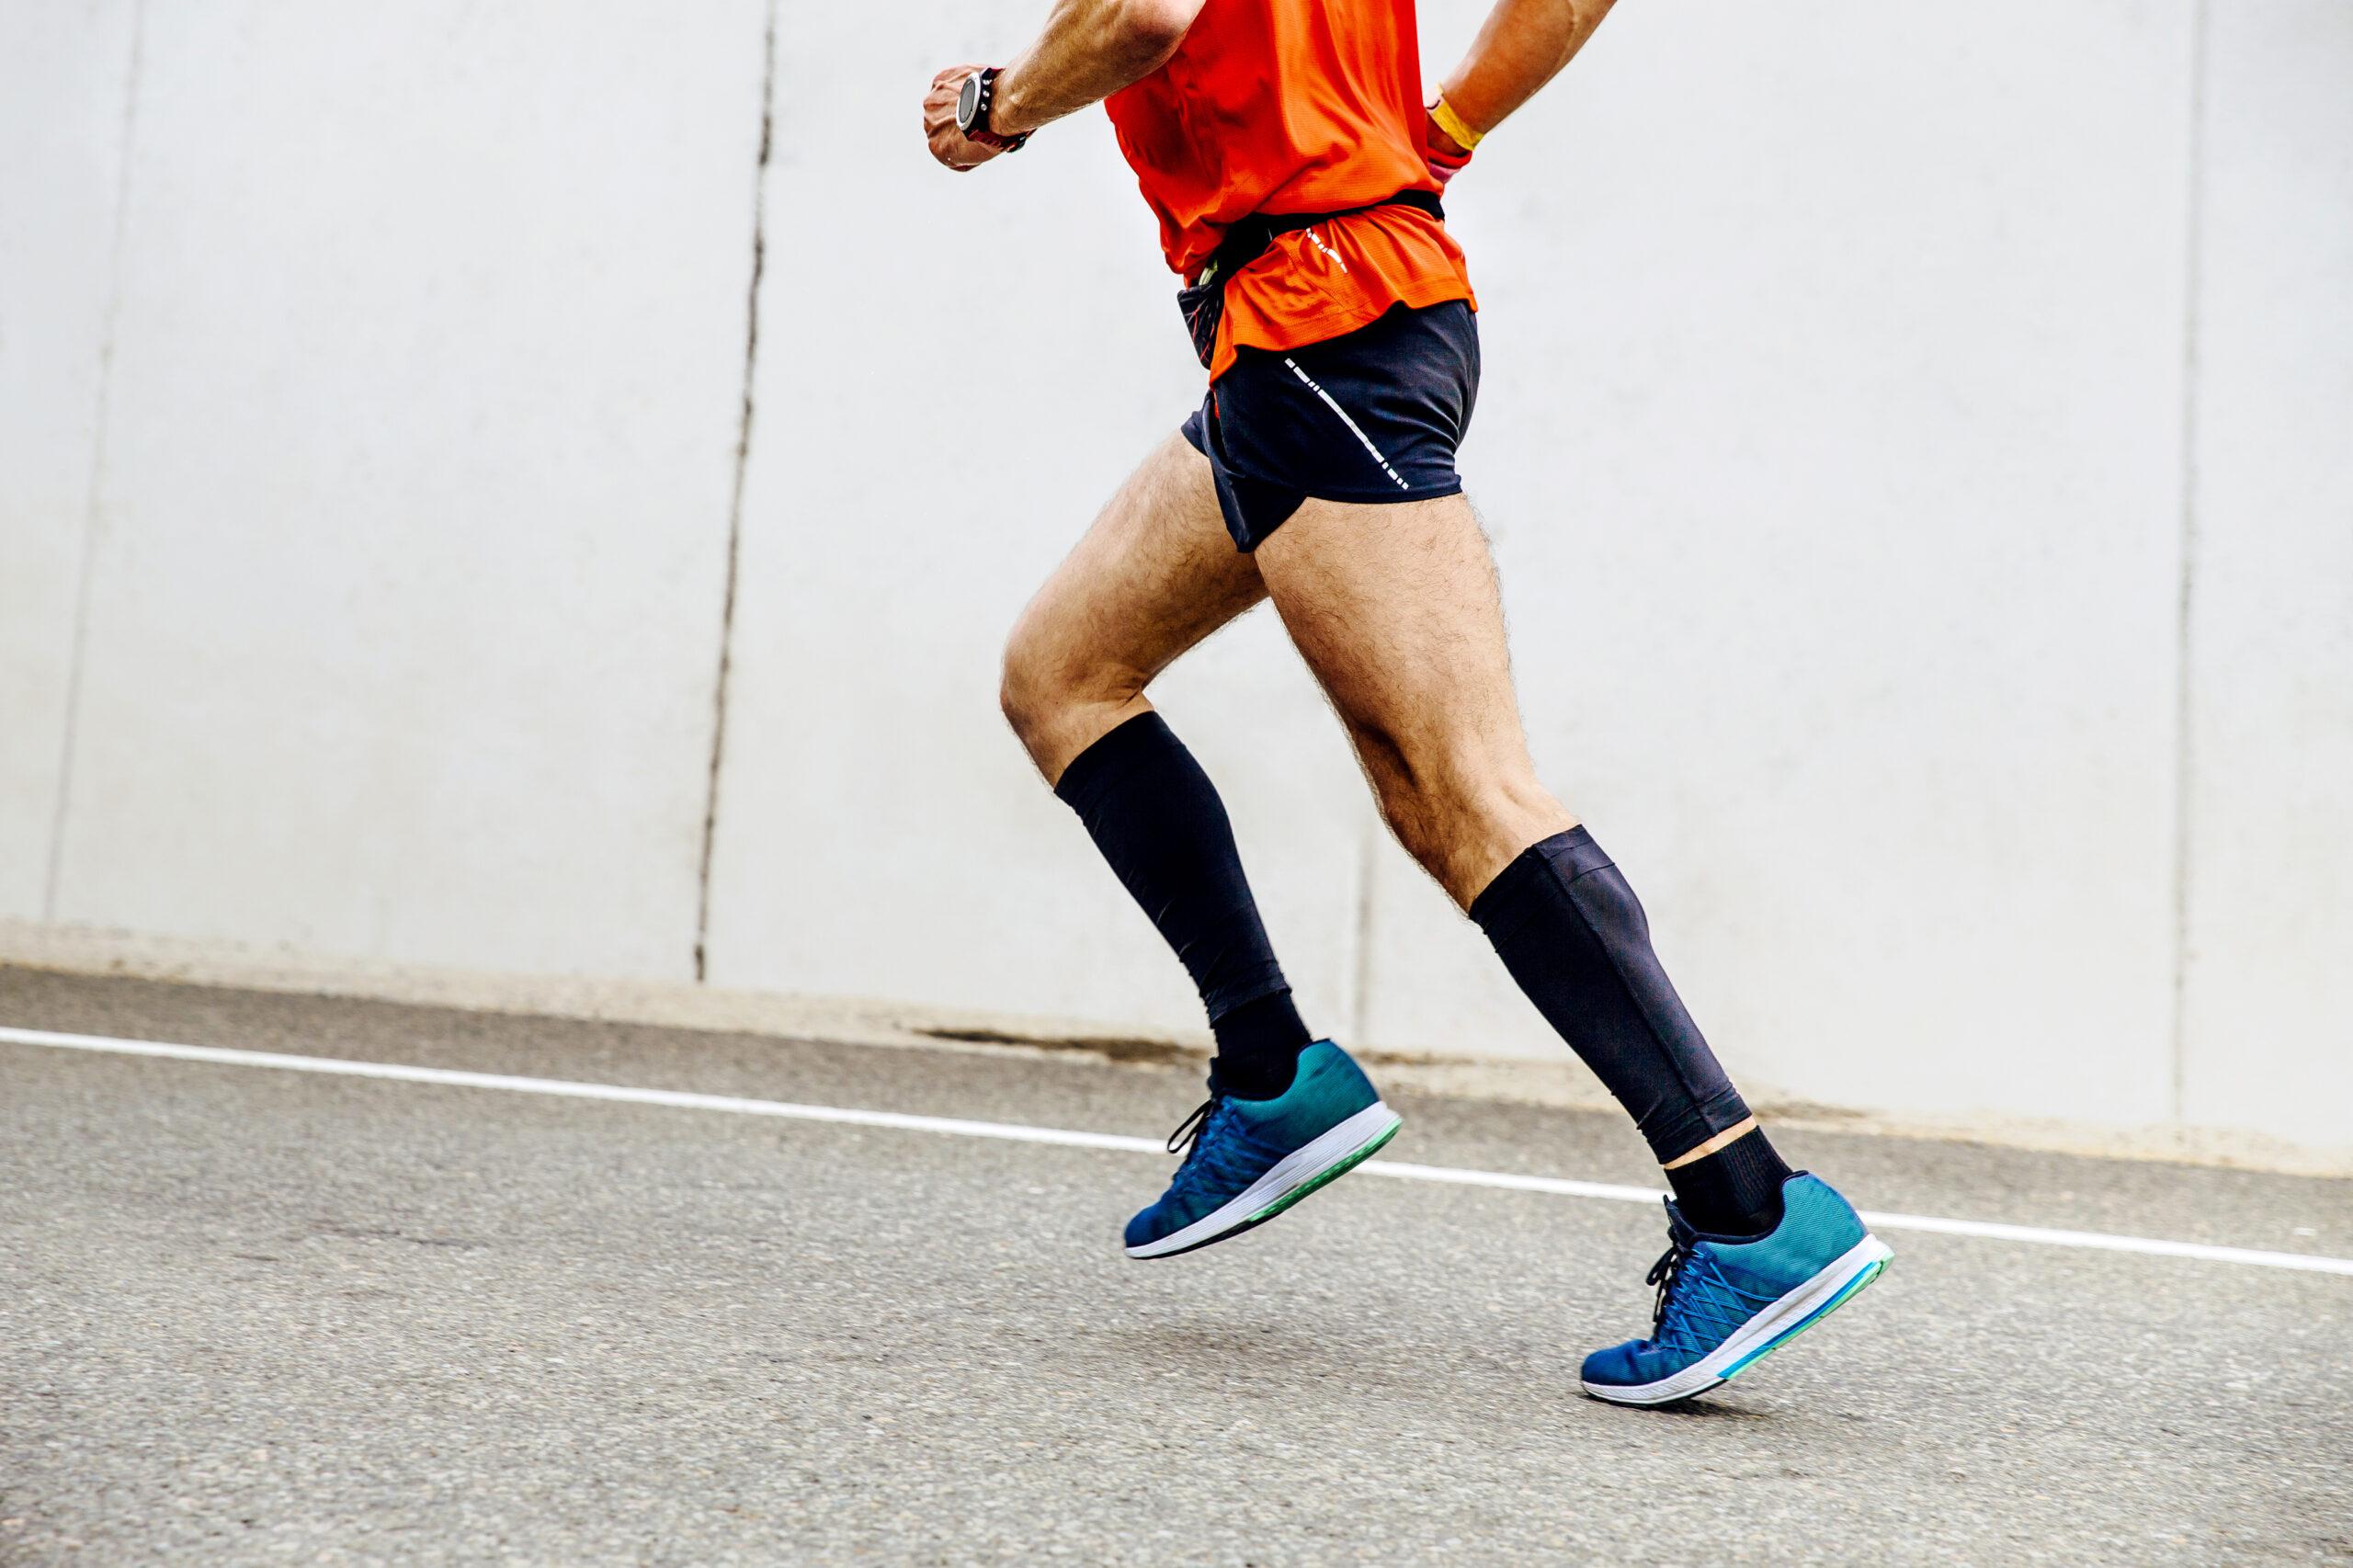 fysiotherapeut nijmegen helpt je herstellen van blessure door balans tussen belasting en belastbaarheid